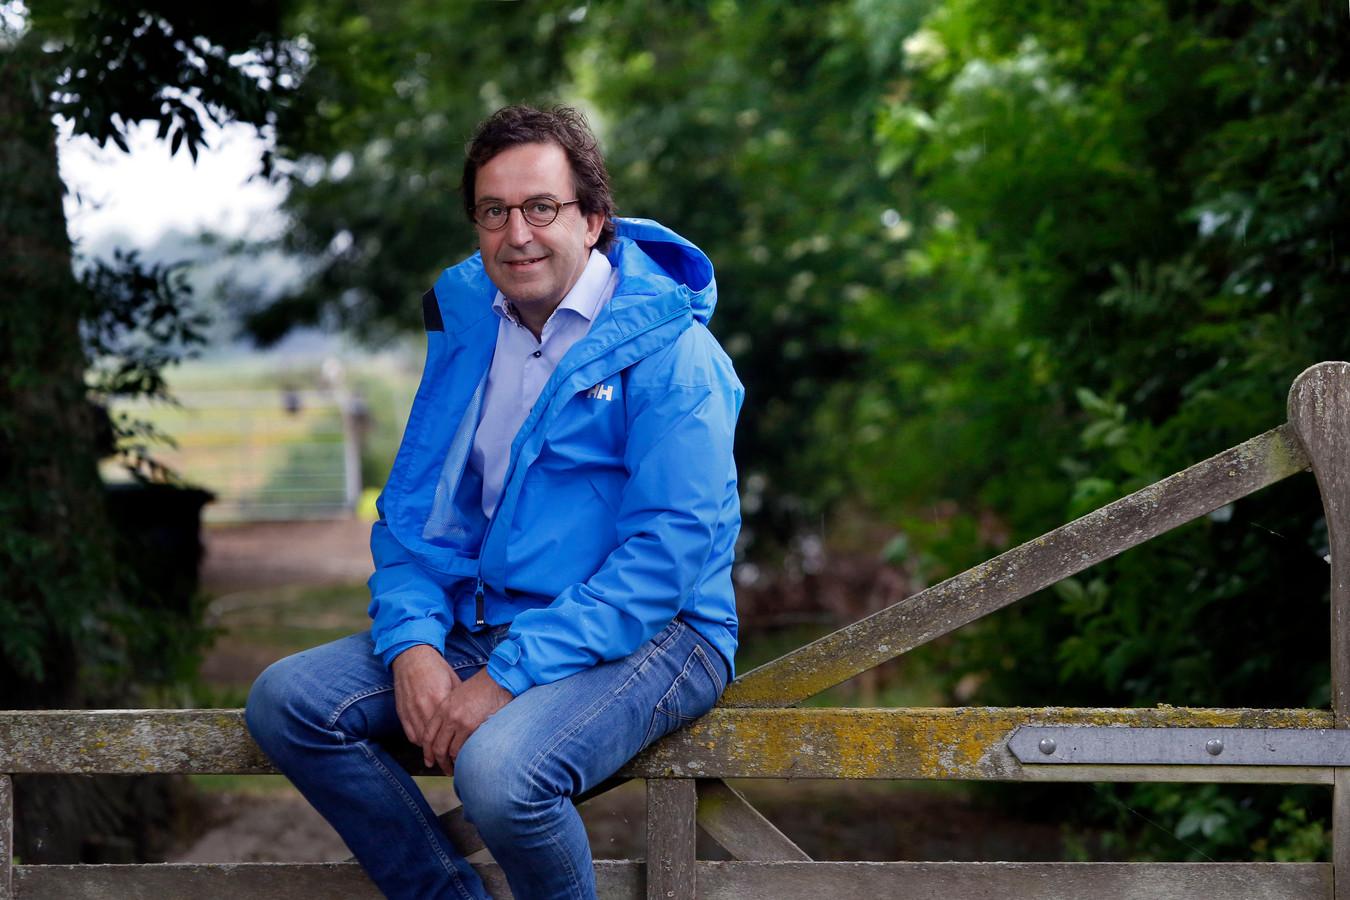 Ic Man Diederik Gommers Stamgast Bij Talkshows En Rutte Thuis Tussen De Koeien In Wijngaarden Foto Pzc Nl